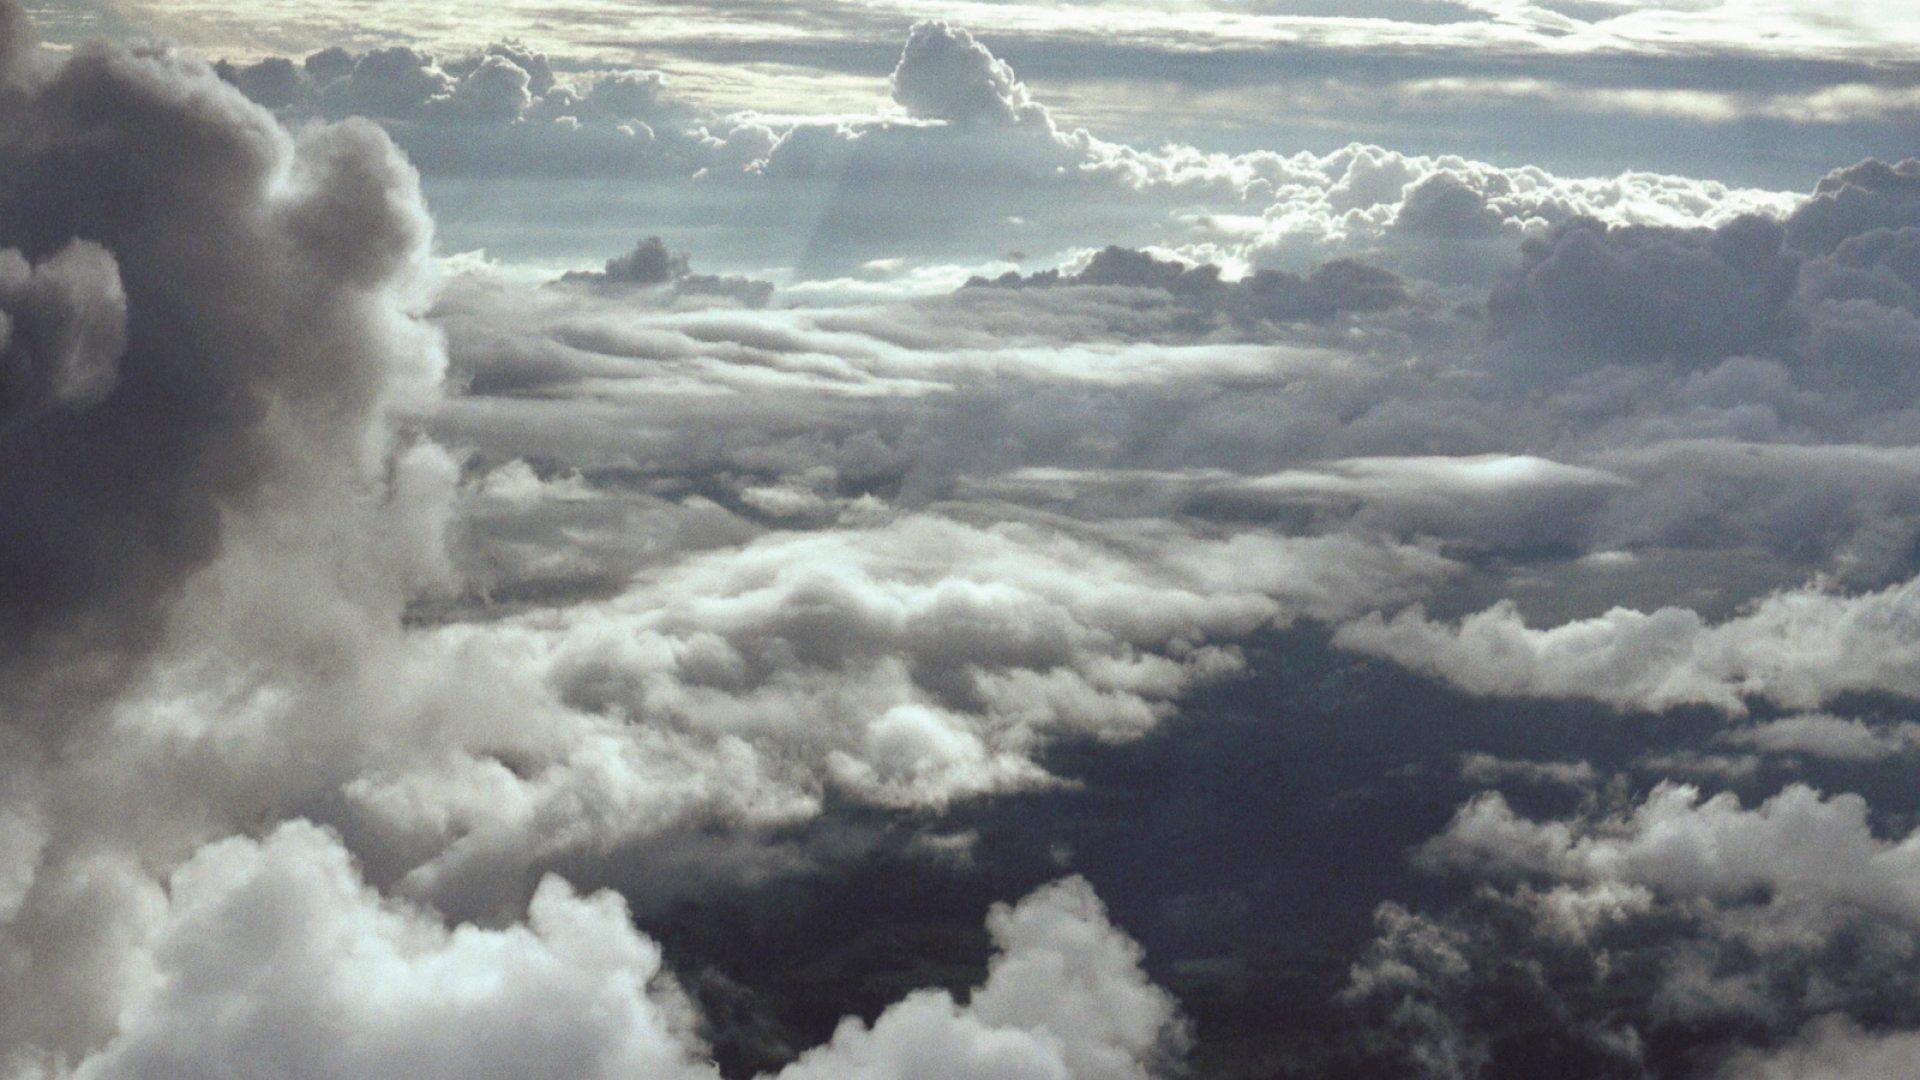 When Cloud Computing Giants Go to War, You Win